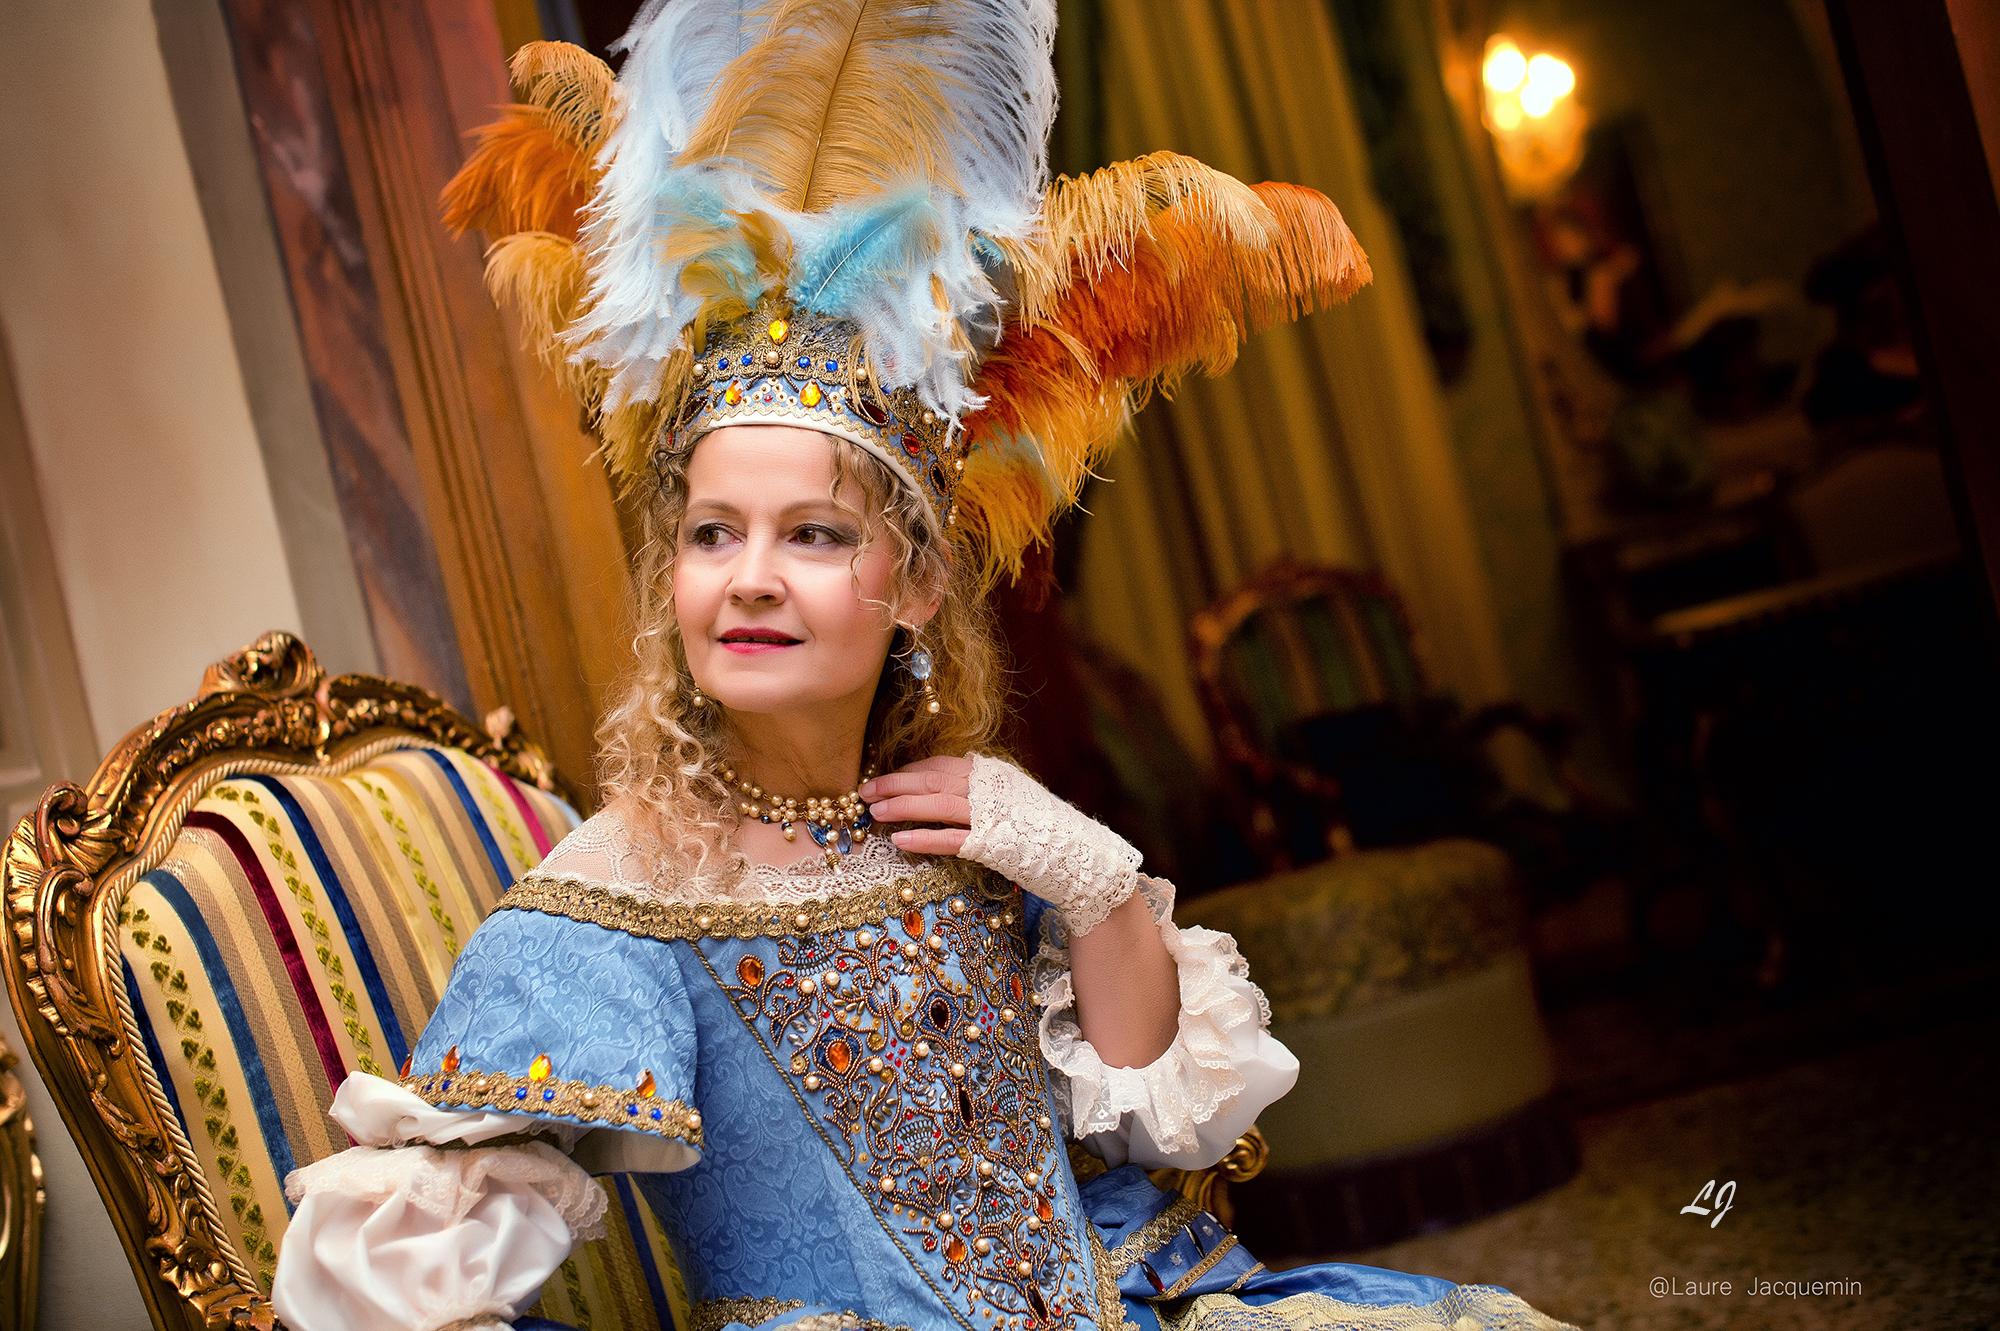 Meilleur photos Carnaval de Venise 2018 laure jacquemin (44)